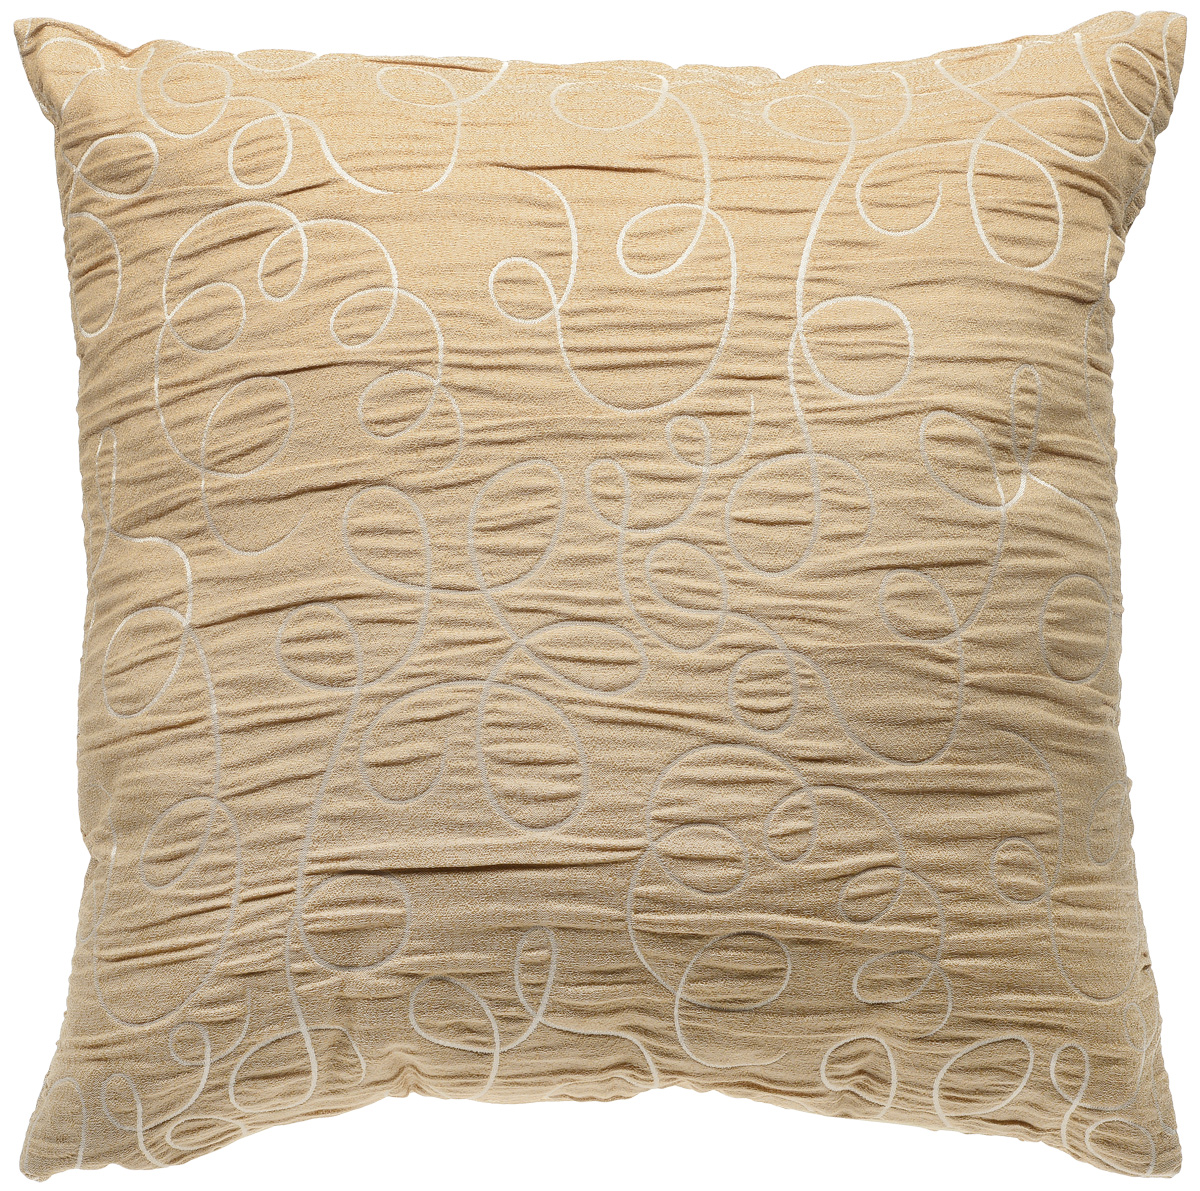 Подушка декоративная KauffOrt Минор, цвет: золотисто-бежевый, 40 x 40 см3121024240Декоративная подушка KauffOrt Минор прекрасно дополнит интерьер спальни или гостиной. Мягкий на ощупь чехол подушки выполнен из 100% полиэстера. Внутри находится мягкий наполнитель, выполненный из холлофайбера. Чехол легко снимается благодаря молнии.Красивая подушка создаст атмосферу уюта и комфорта в спальне и станет прекрасным элементом декора.